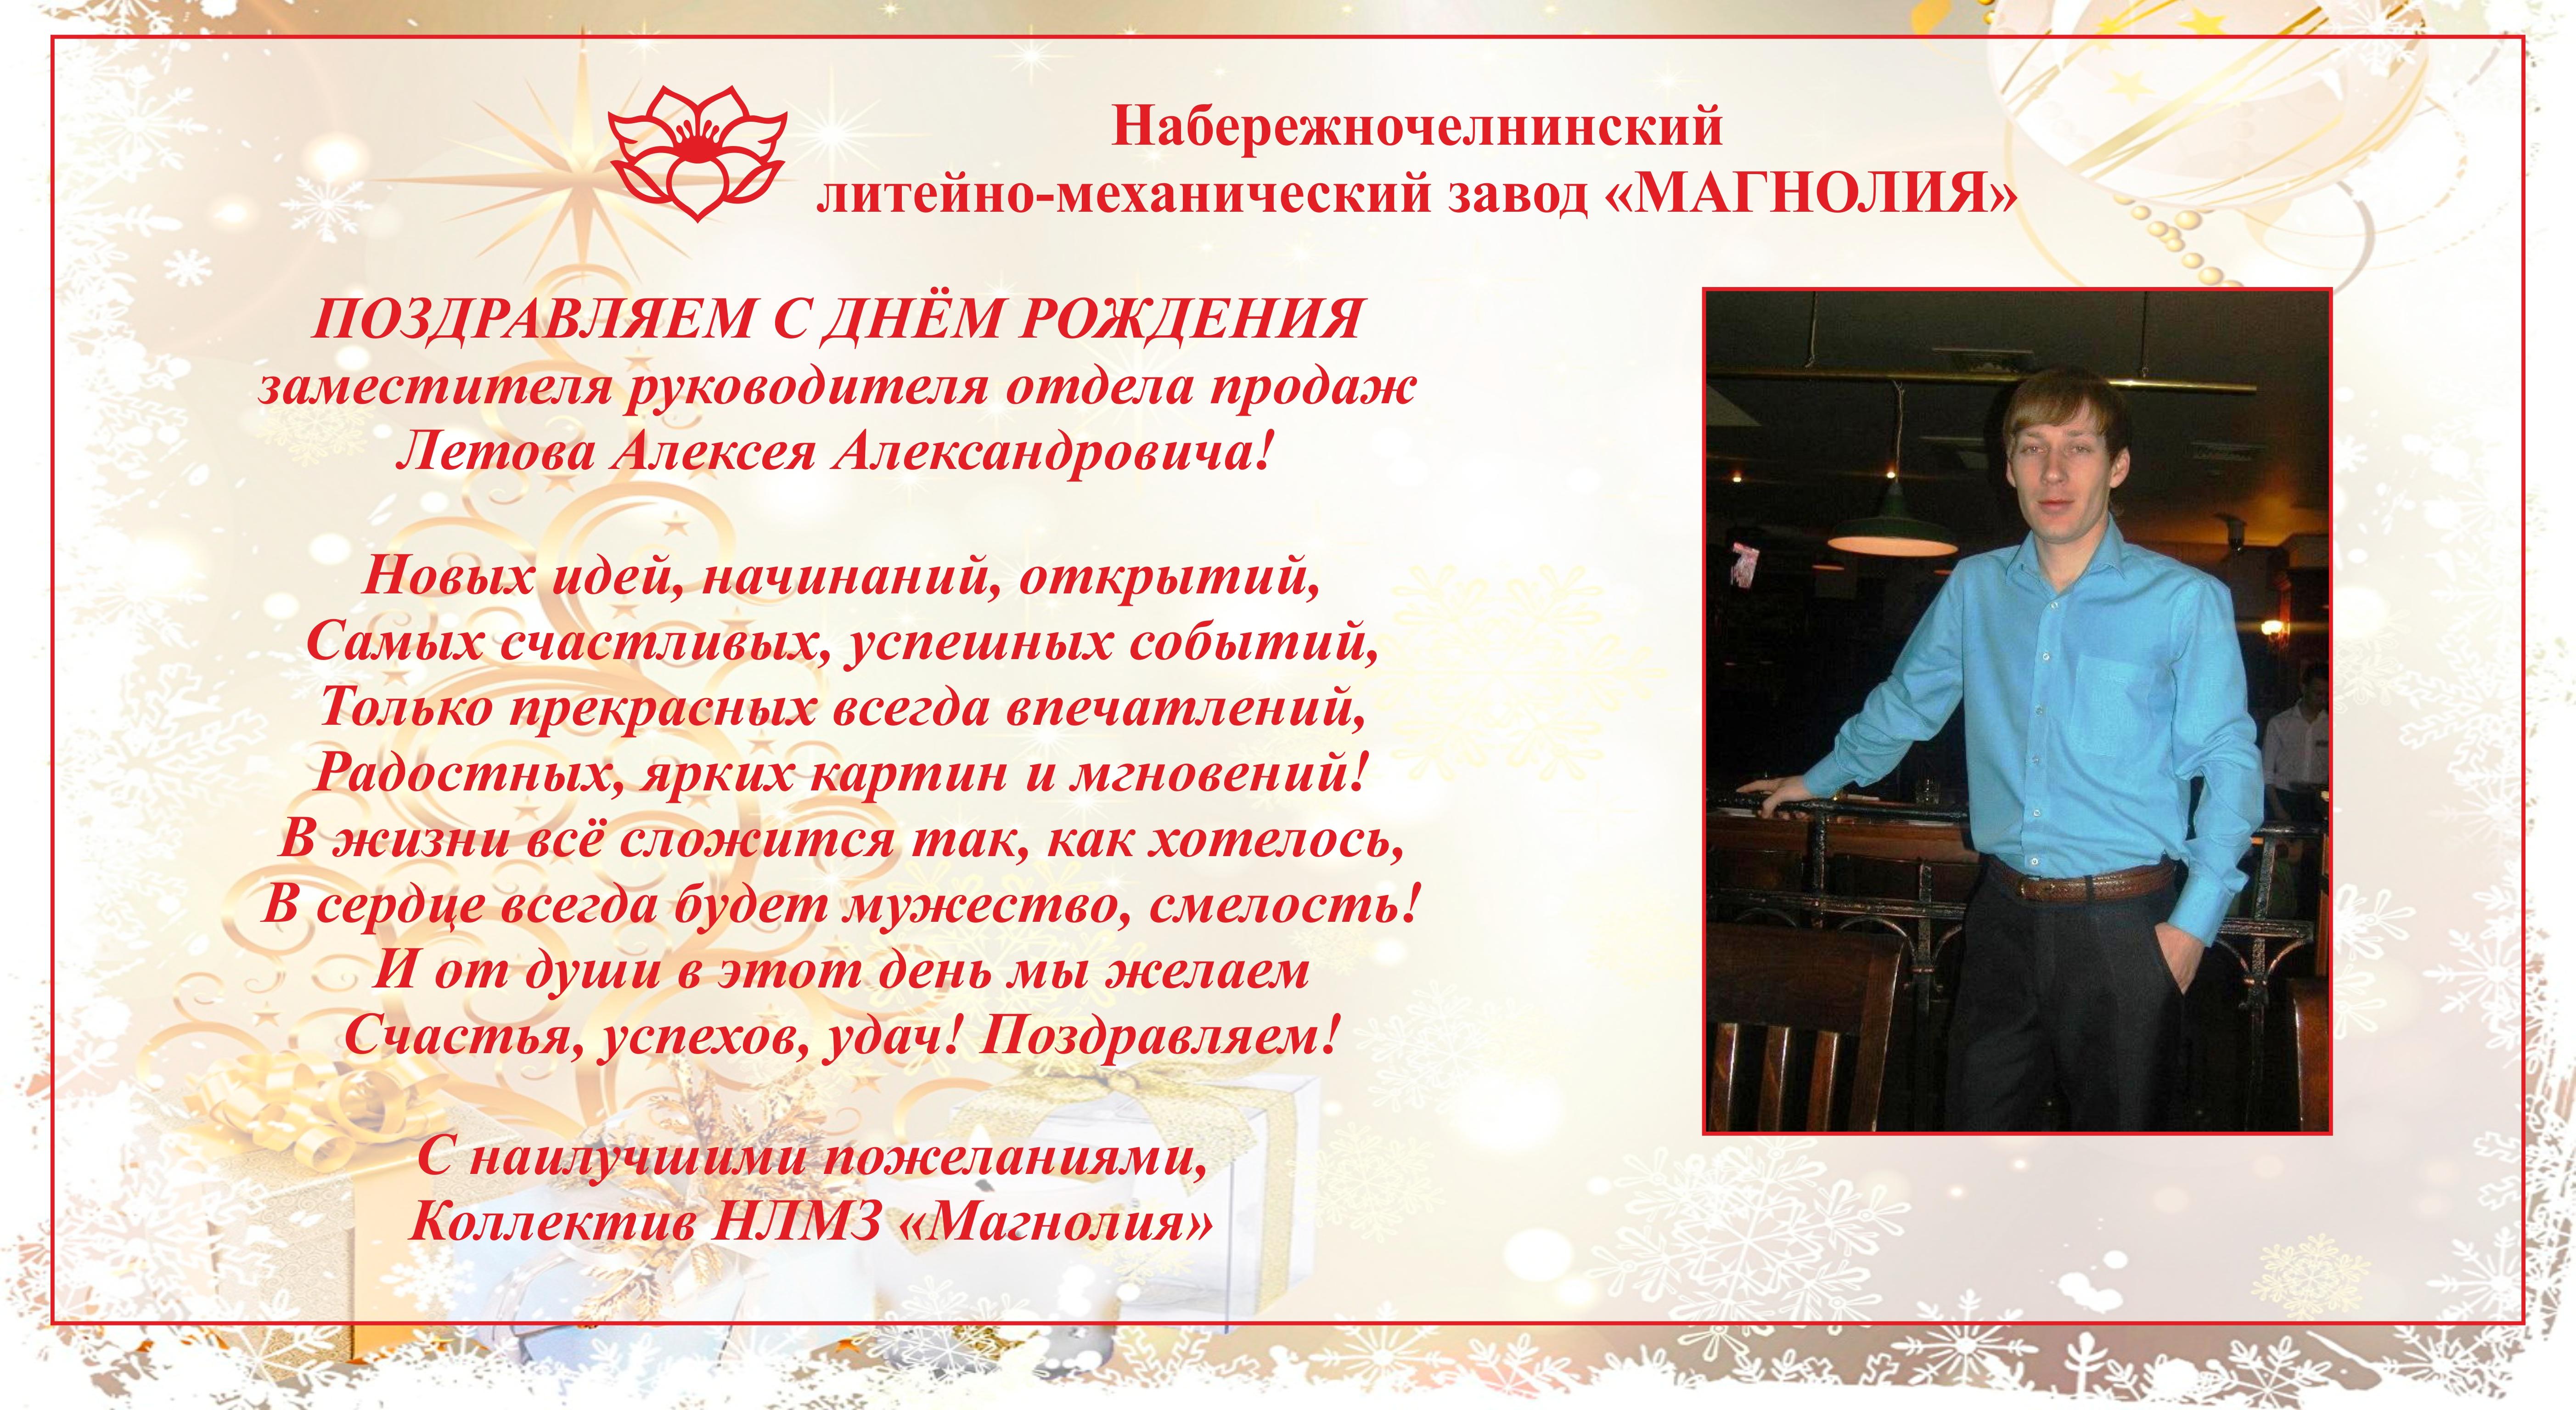 Открытки с днем рождения руководителя организации